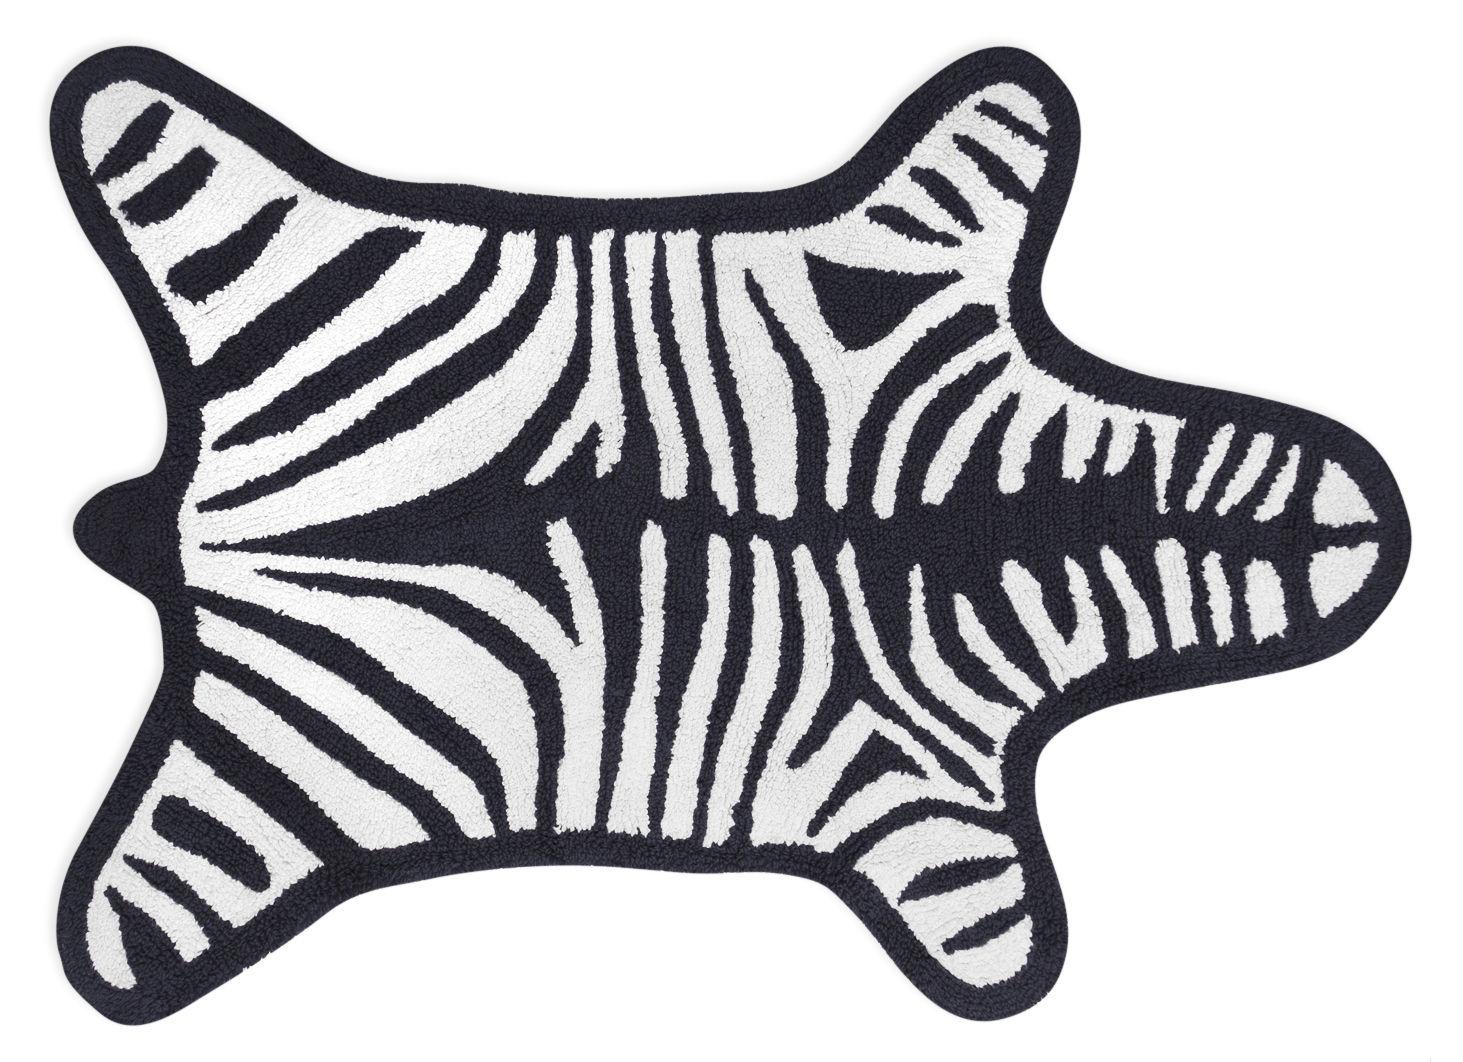 Accessoires - Accessoires salle de bains - Tapis de bain Zebra / Reversible - 112 x 79 cm - Jonathan Adler - Blanc / Noir - Coton